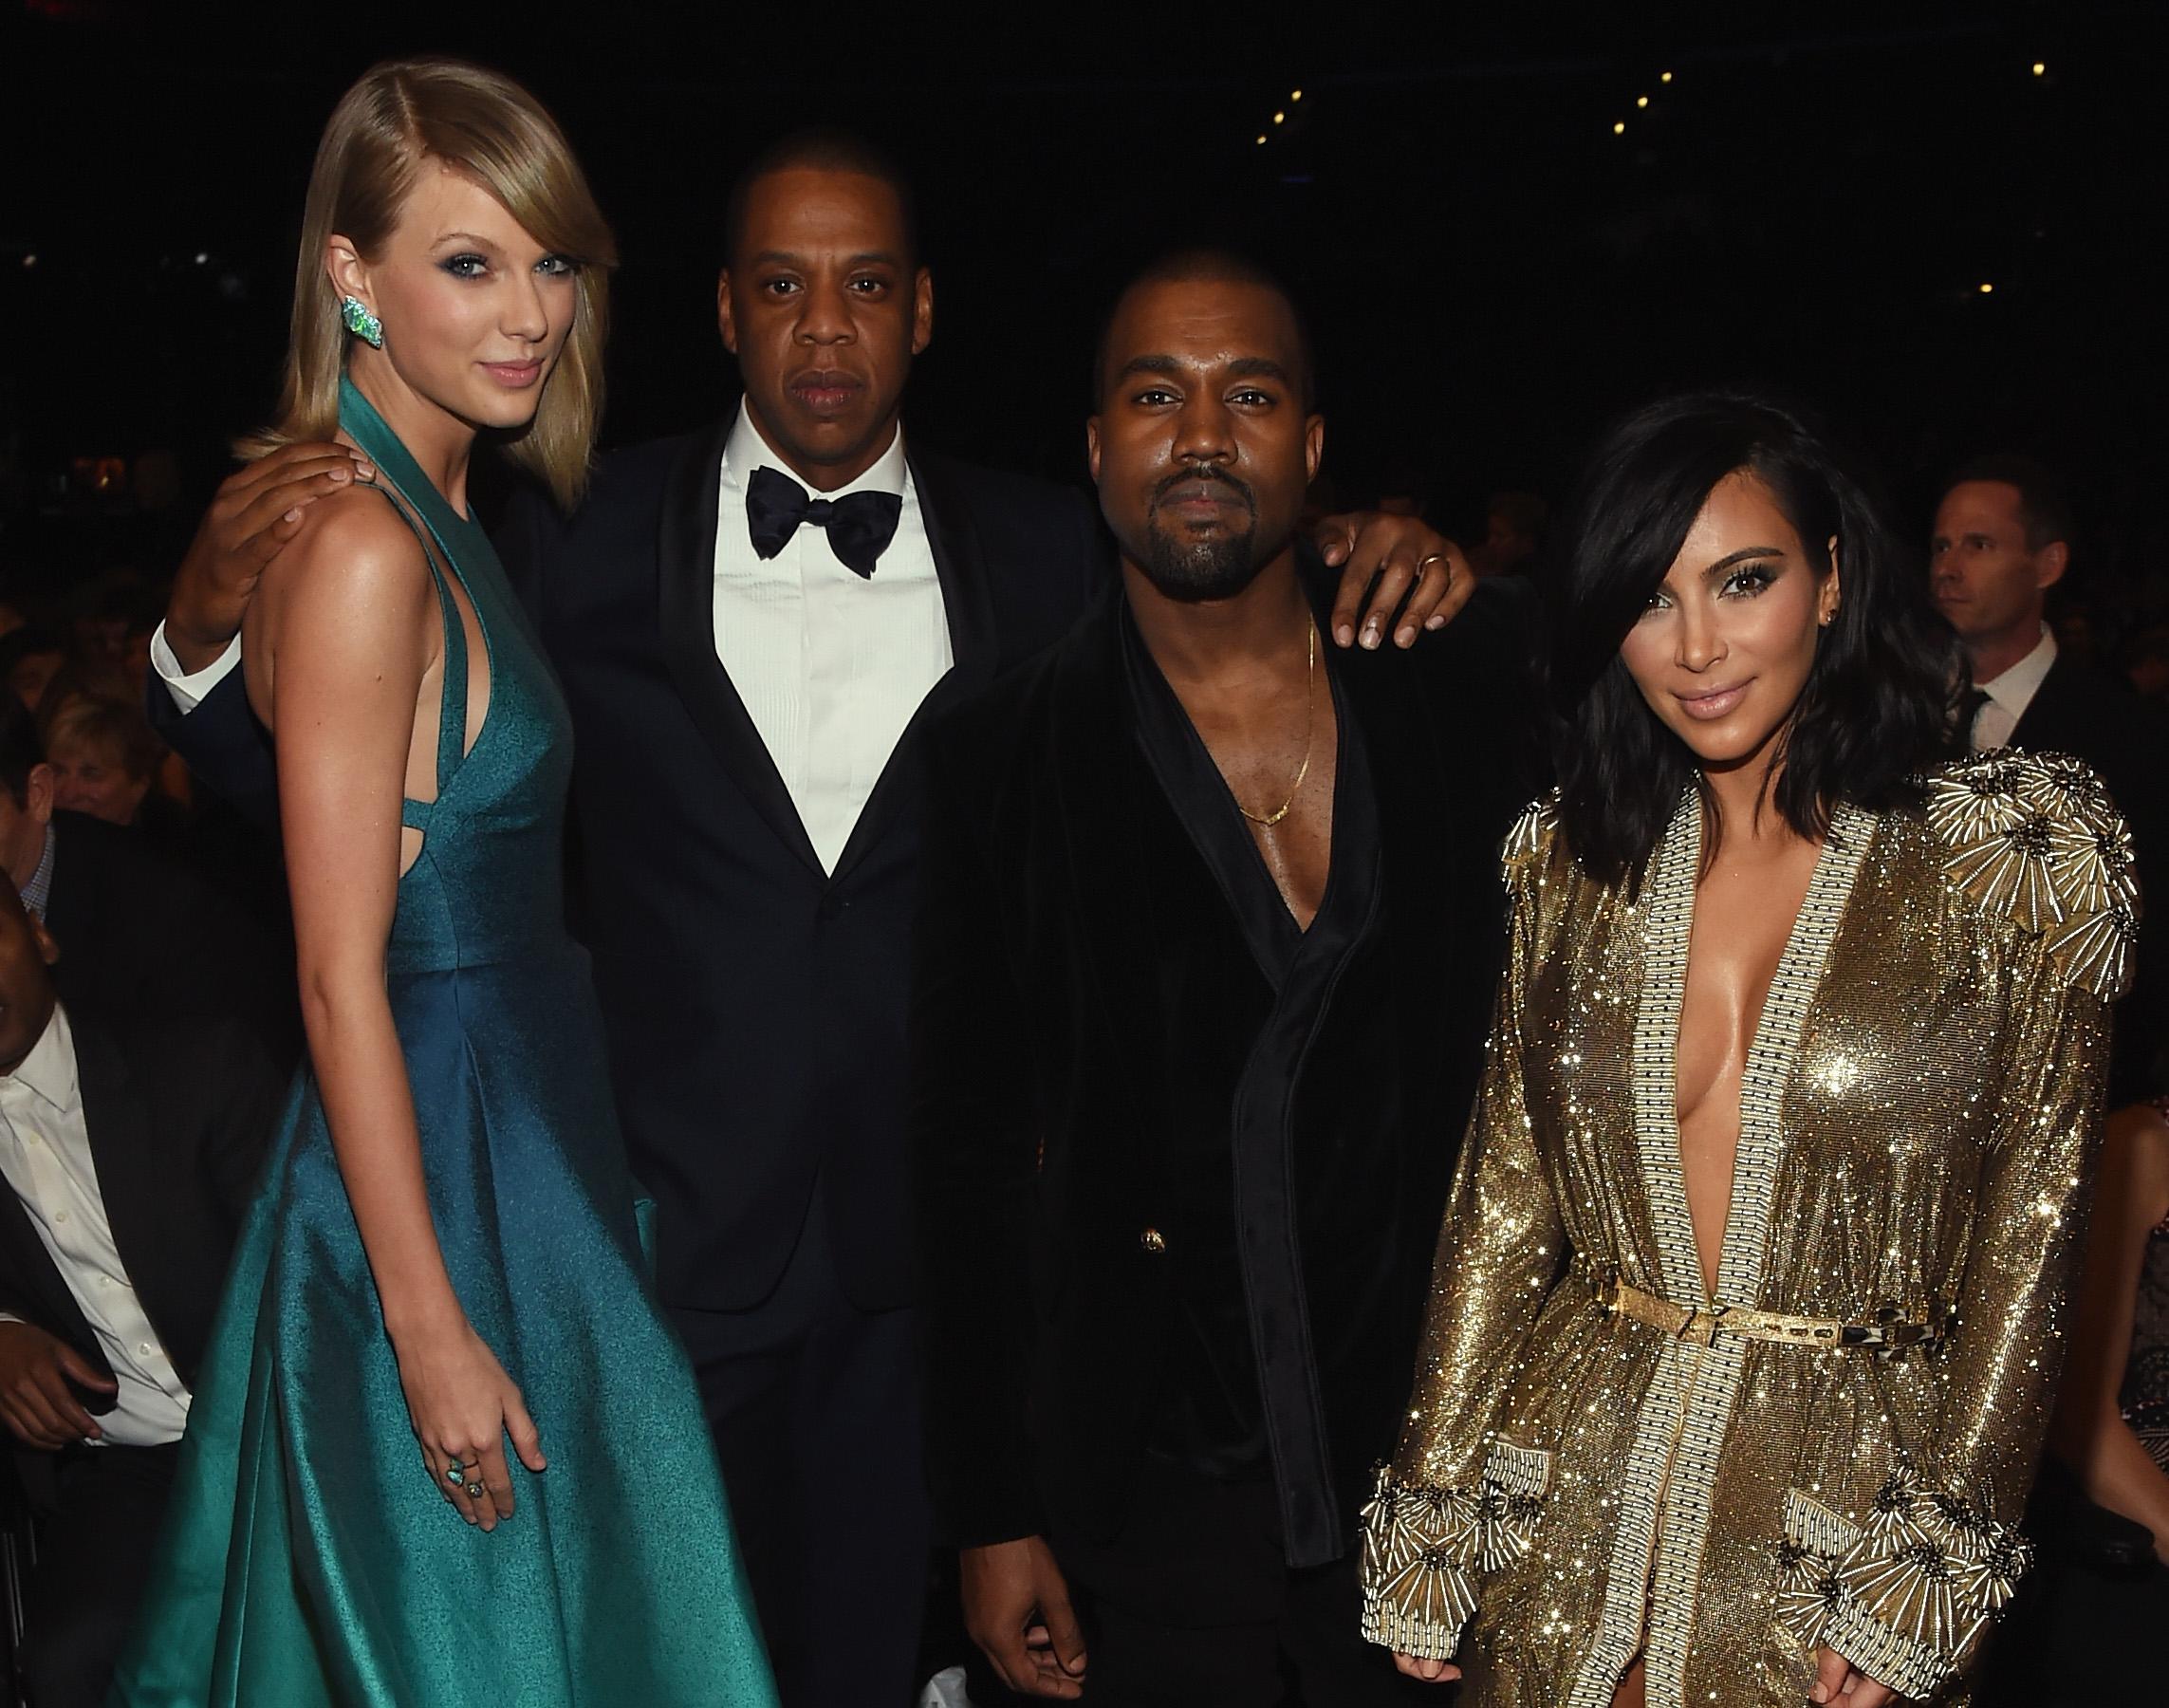 Kanye West, Jay Z, Taylor Swift & Kim Kardashian